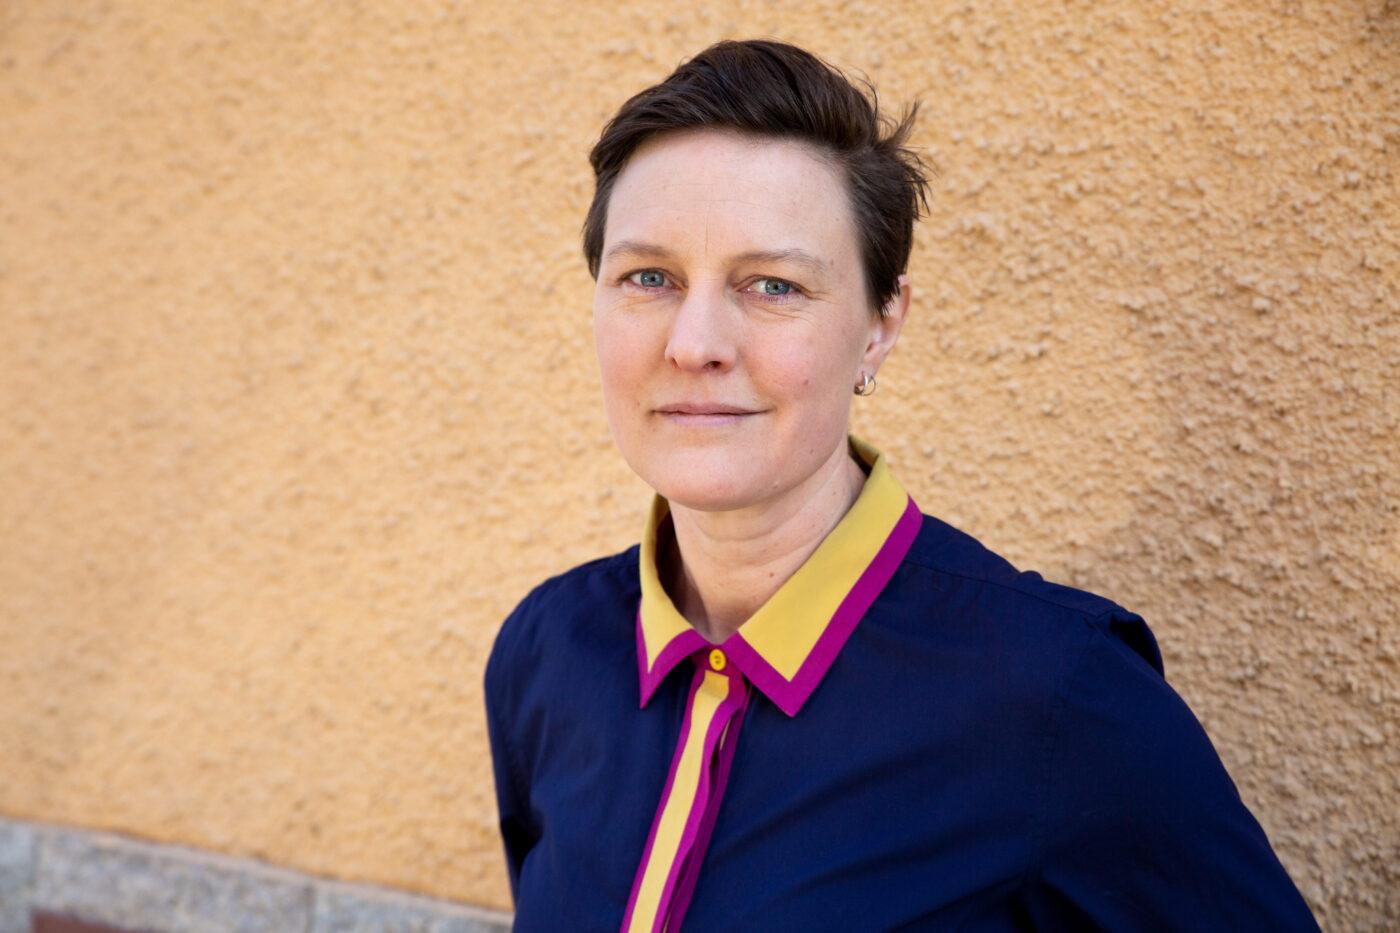 RFSL Stockholms ordförande Lovise Brade framför en gul fasad och tittar in i kameran